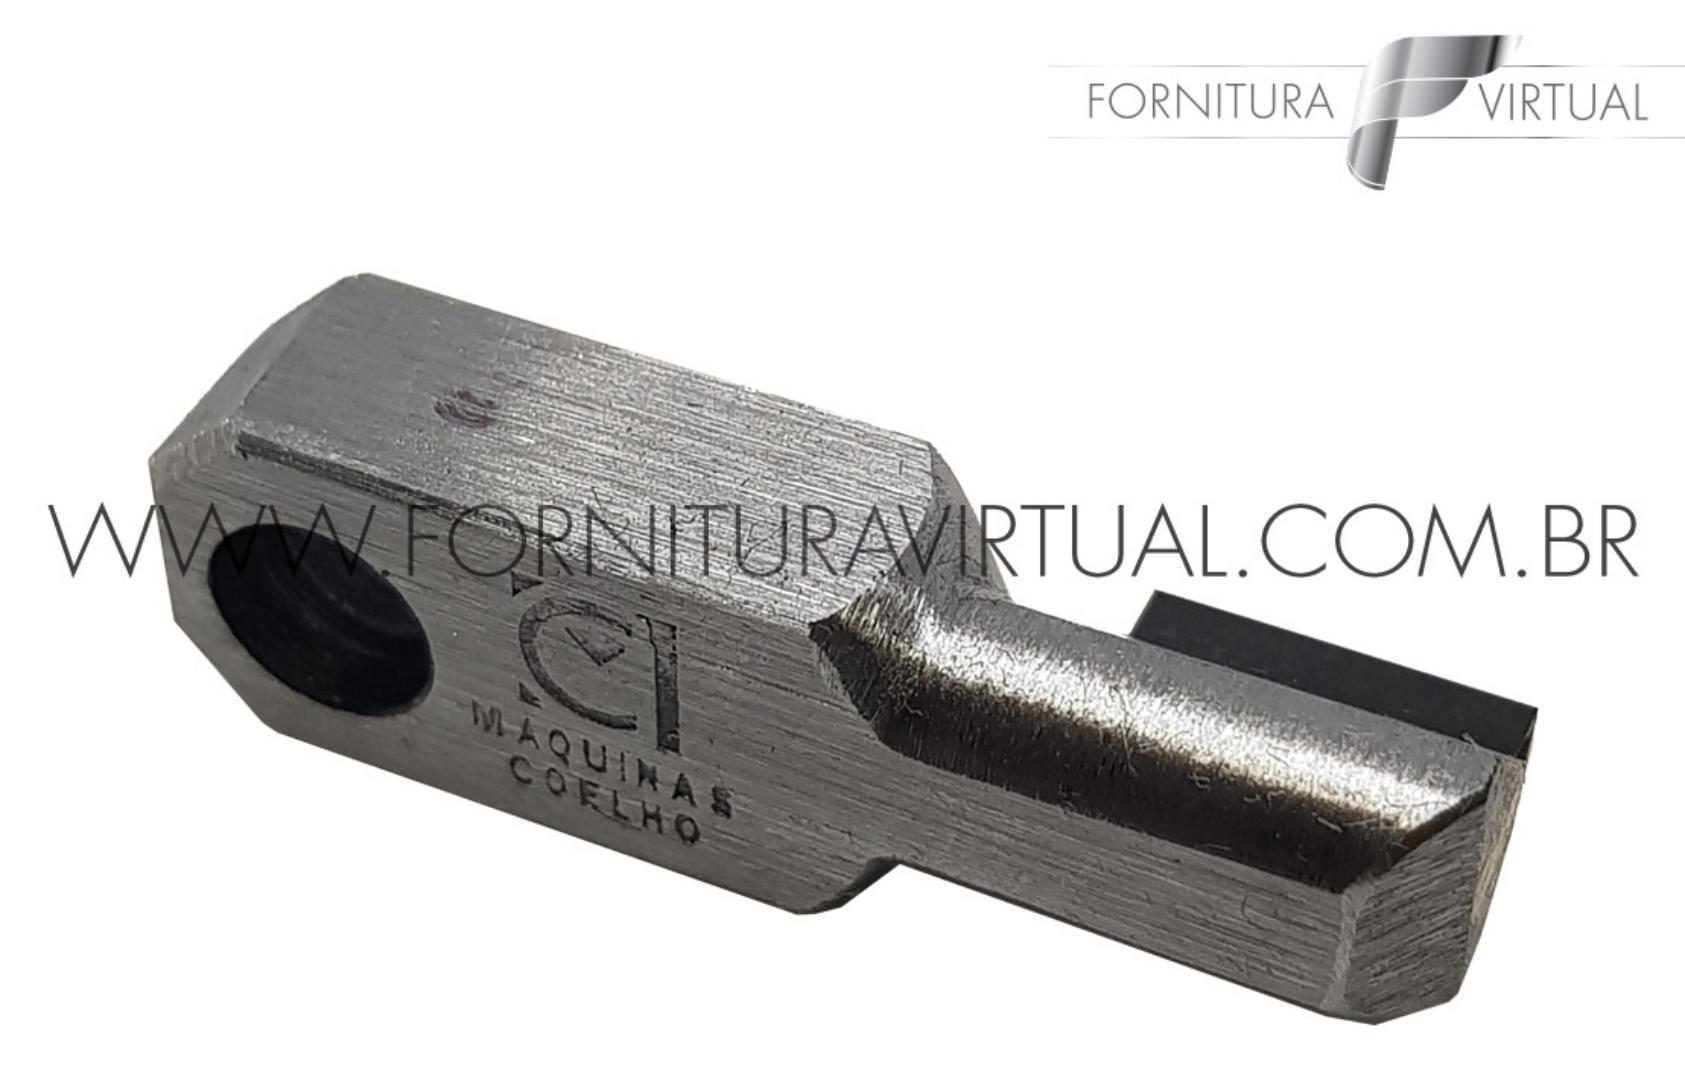 Ferramenta 180 graus x 11mm interna - Em policristalino(diamante sintético)